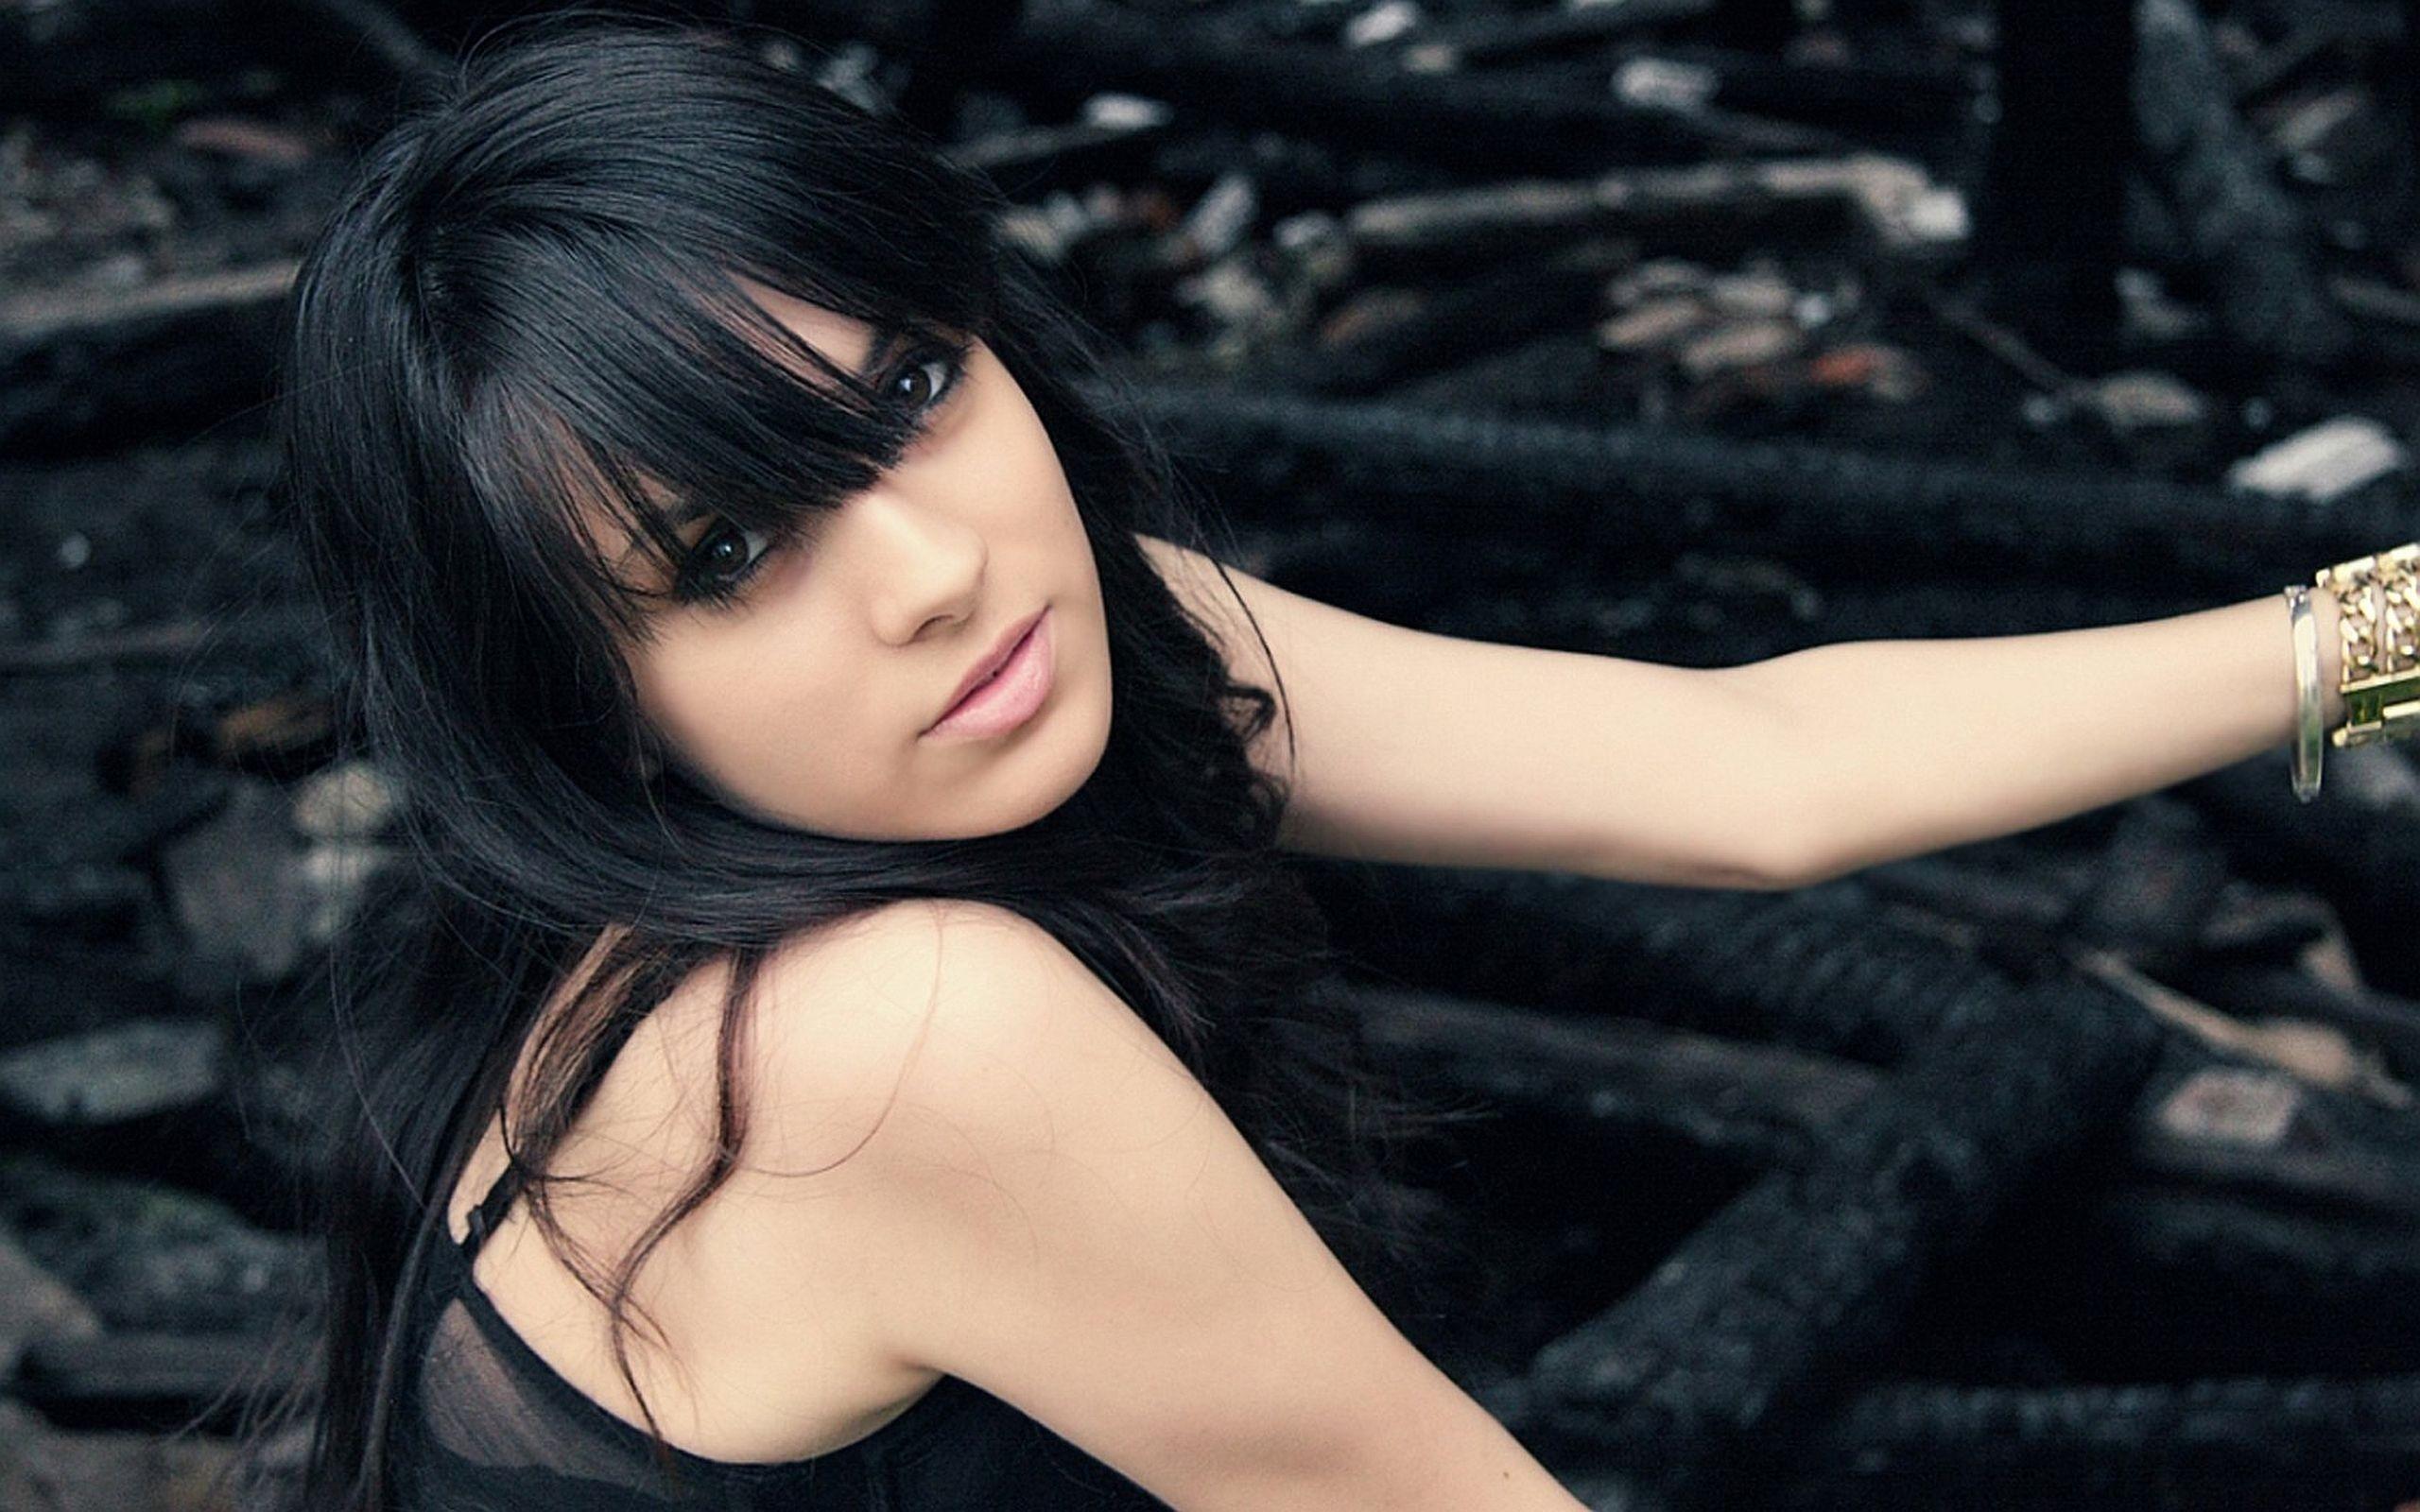 beautiful-black-hair-free-videos-belarus-yellow-hair-cute-nude